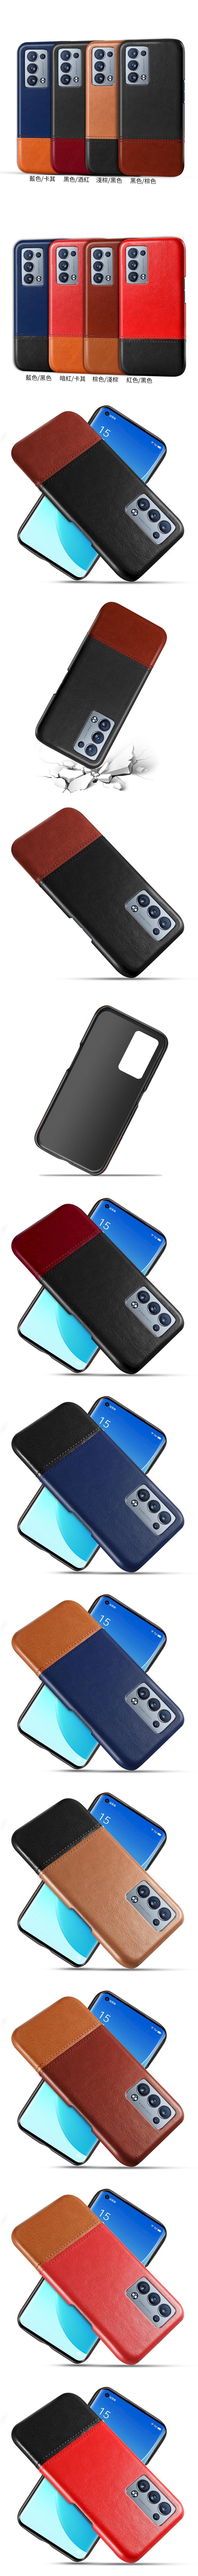 皮革保護殼(PLAIN) - 皮革撞色背蓋拼皮手機殼保護套手機套